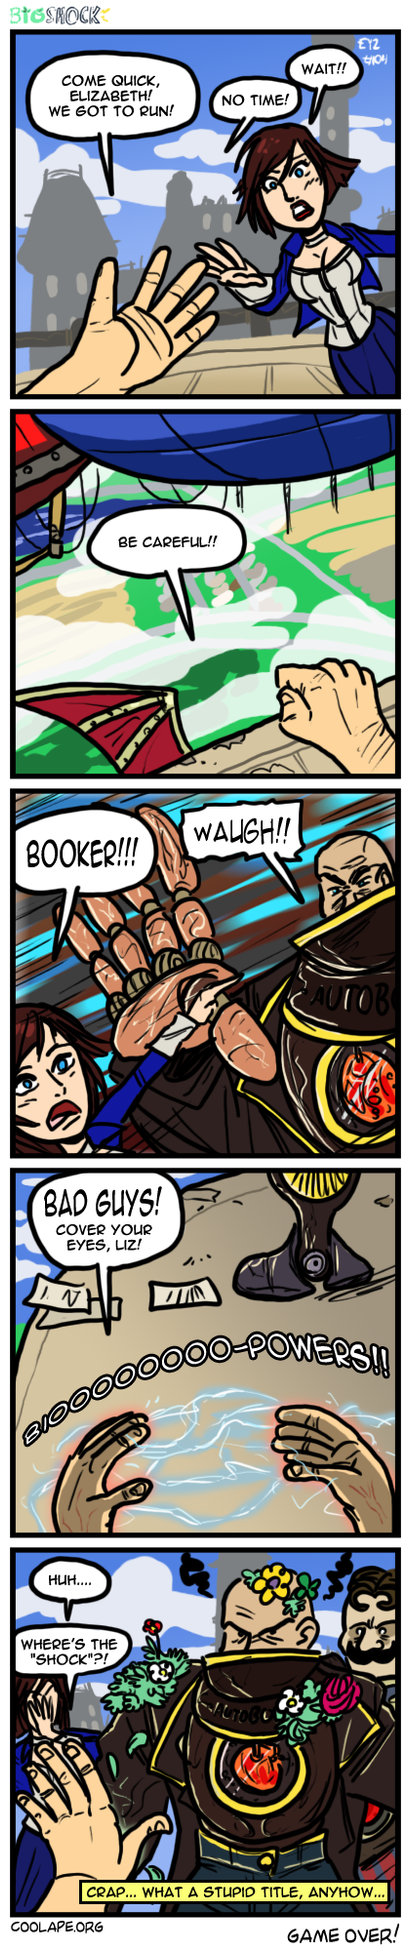 COMIX Bioshock by theEyZmaster